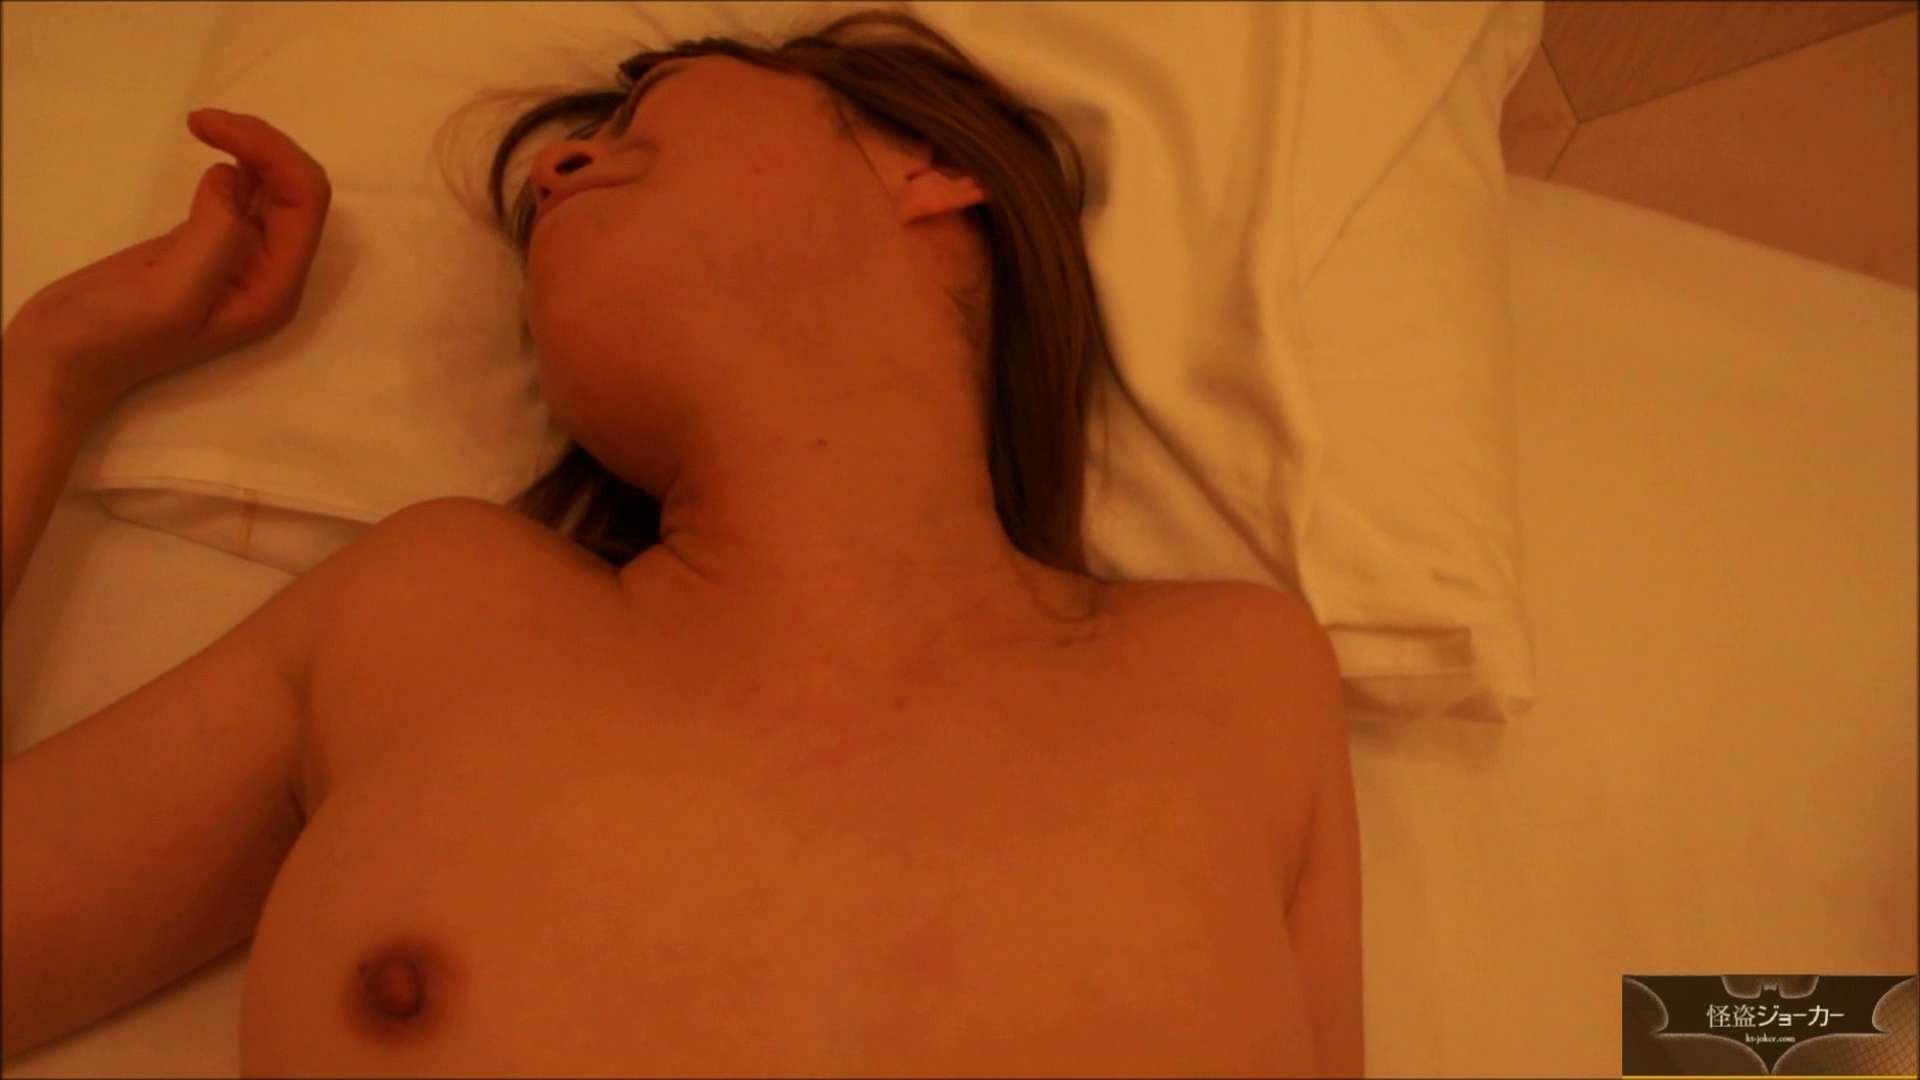 【未公開】vol.36 【援助】鏡越しの朋葉を見ながら・・・ セックス おまんこ動画流出 88枚 9